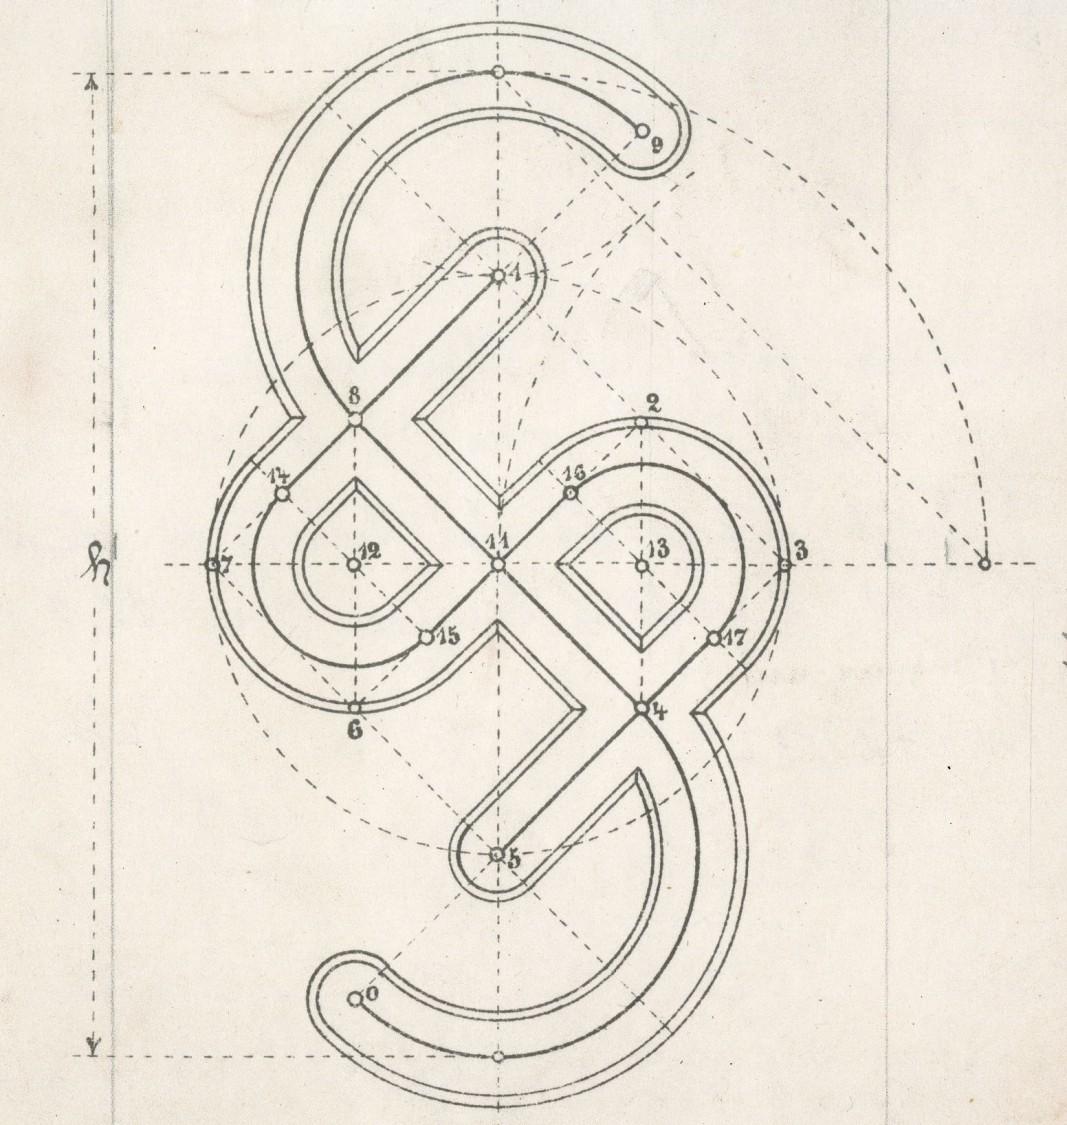 Entwurf des Firmenzeichens der Siemens-Schuckertwerke